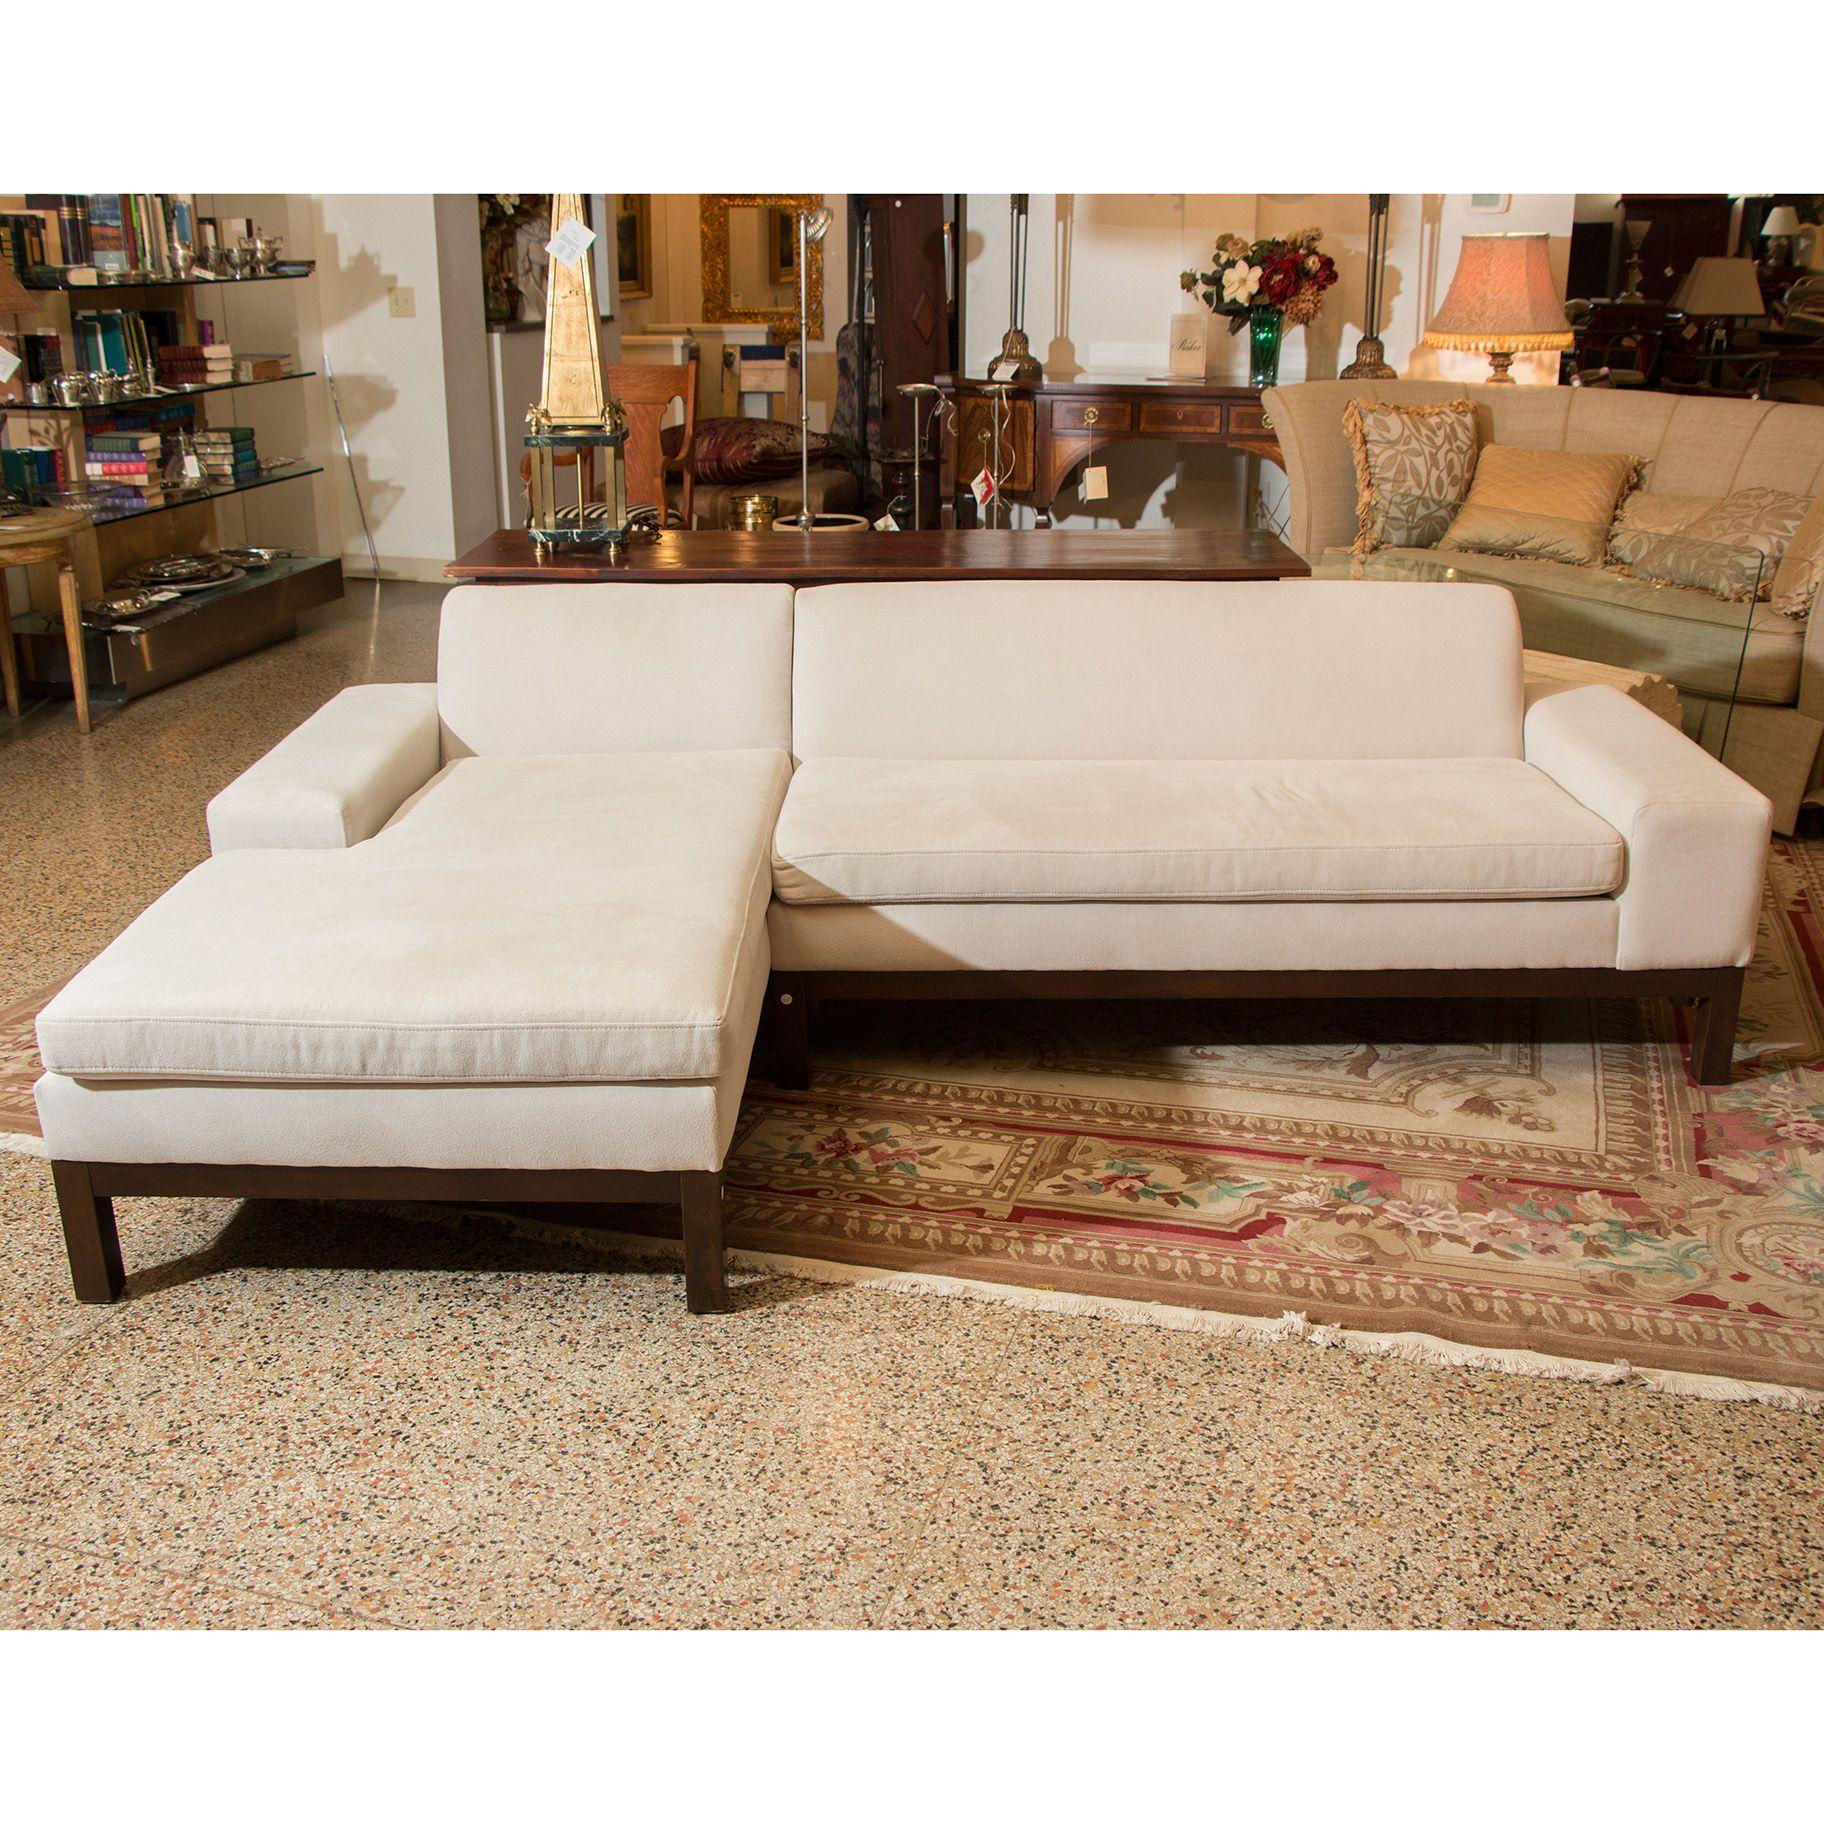 WEST ELM Lorimer Sectional in Monaco Linen Upholstery | Designer ...